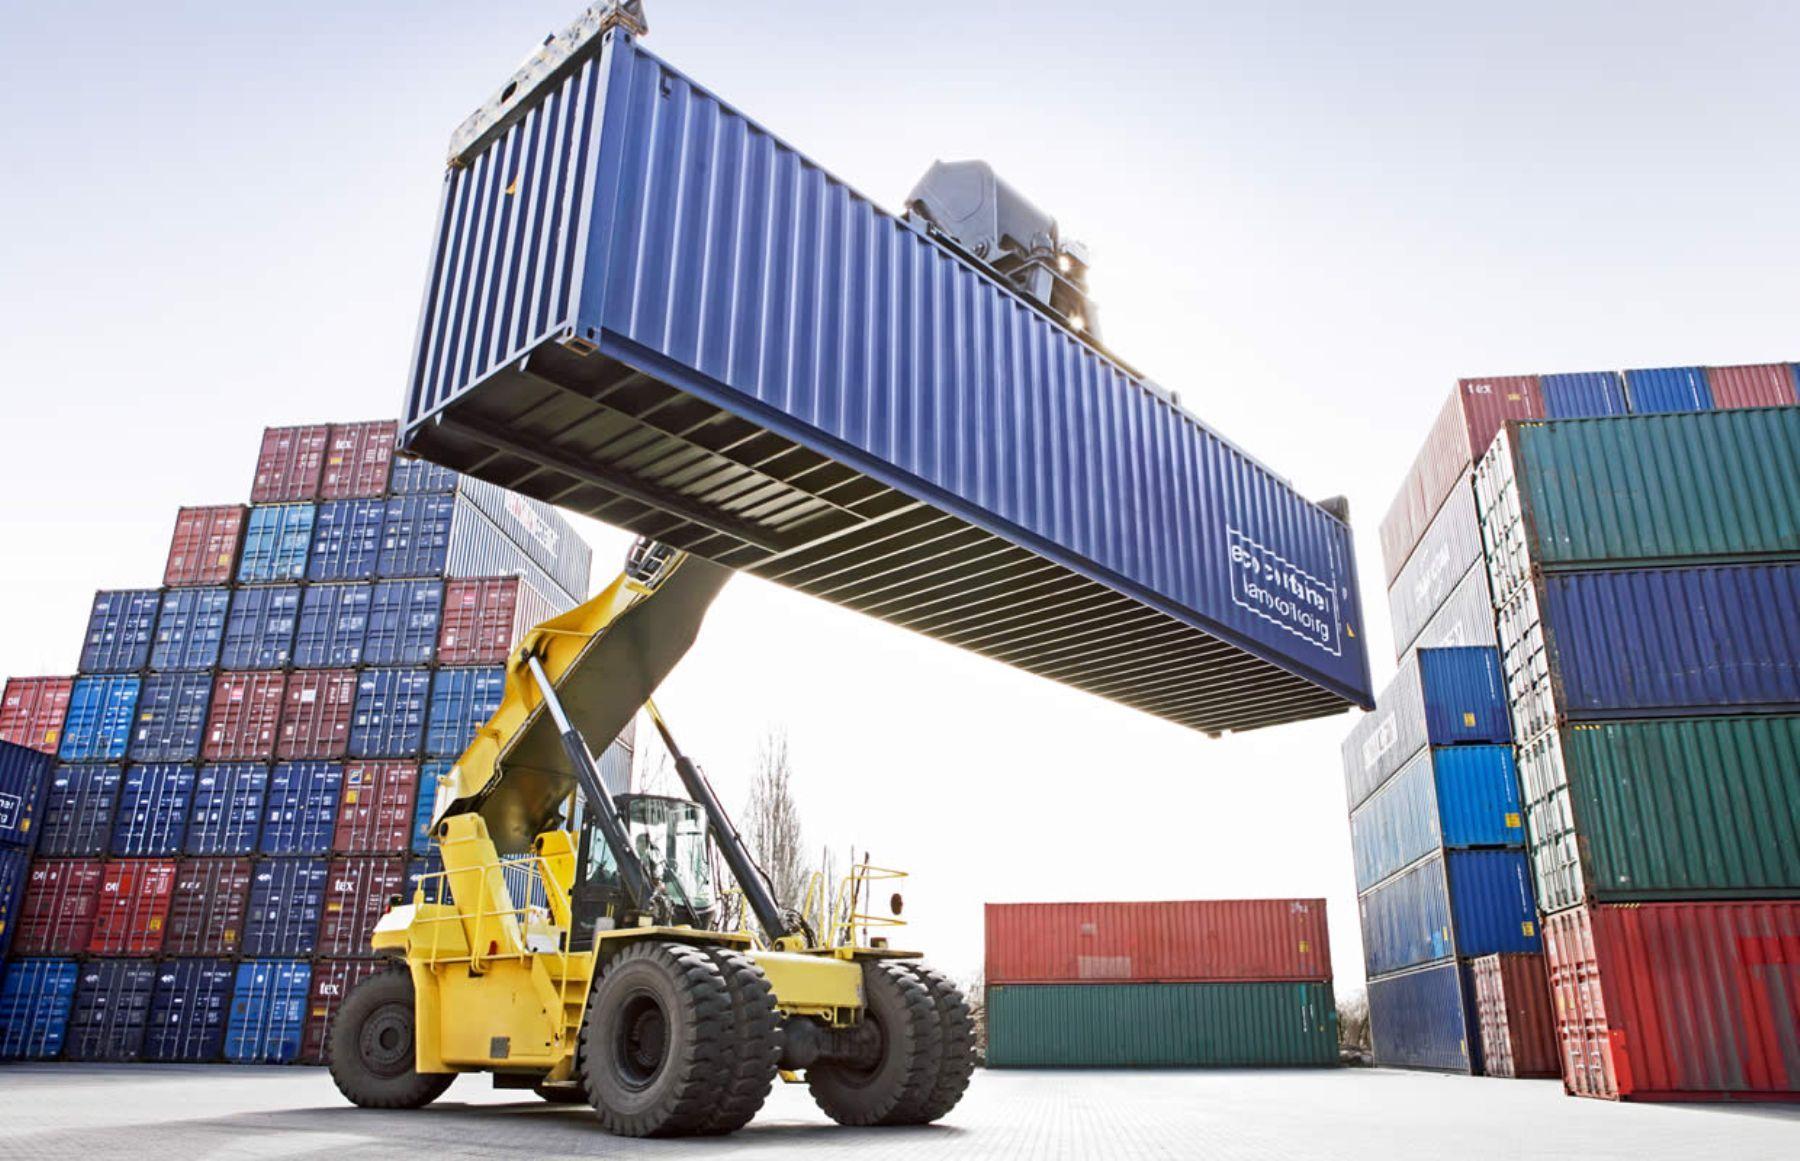 Renunció el responsable del plan de exportaciones de Macri